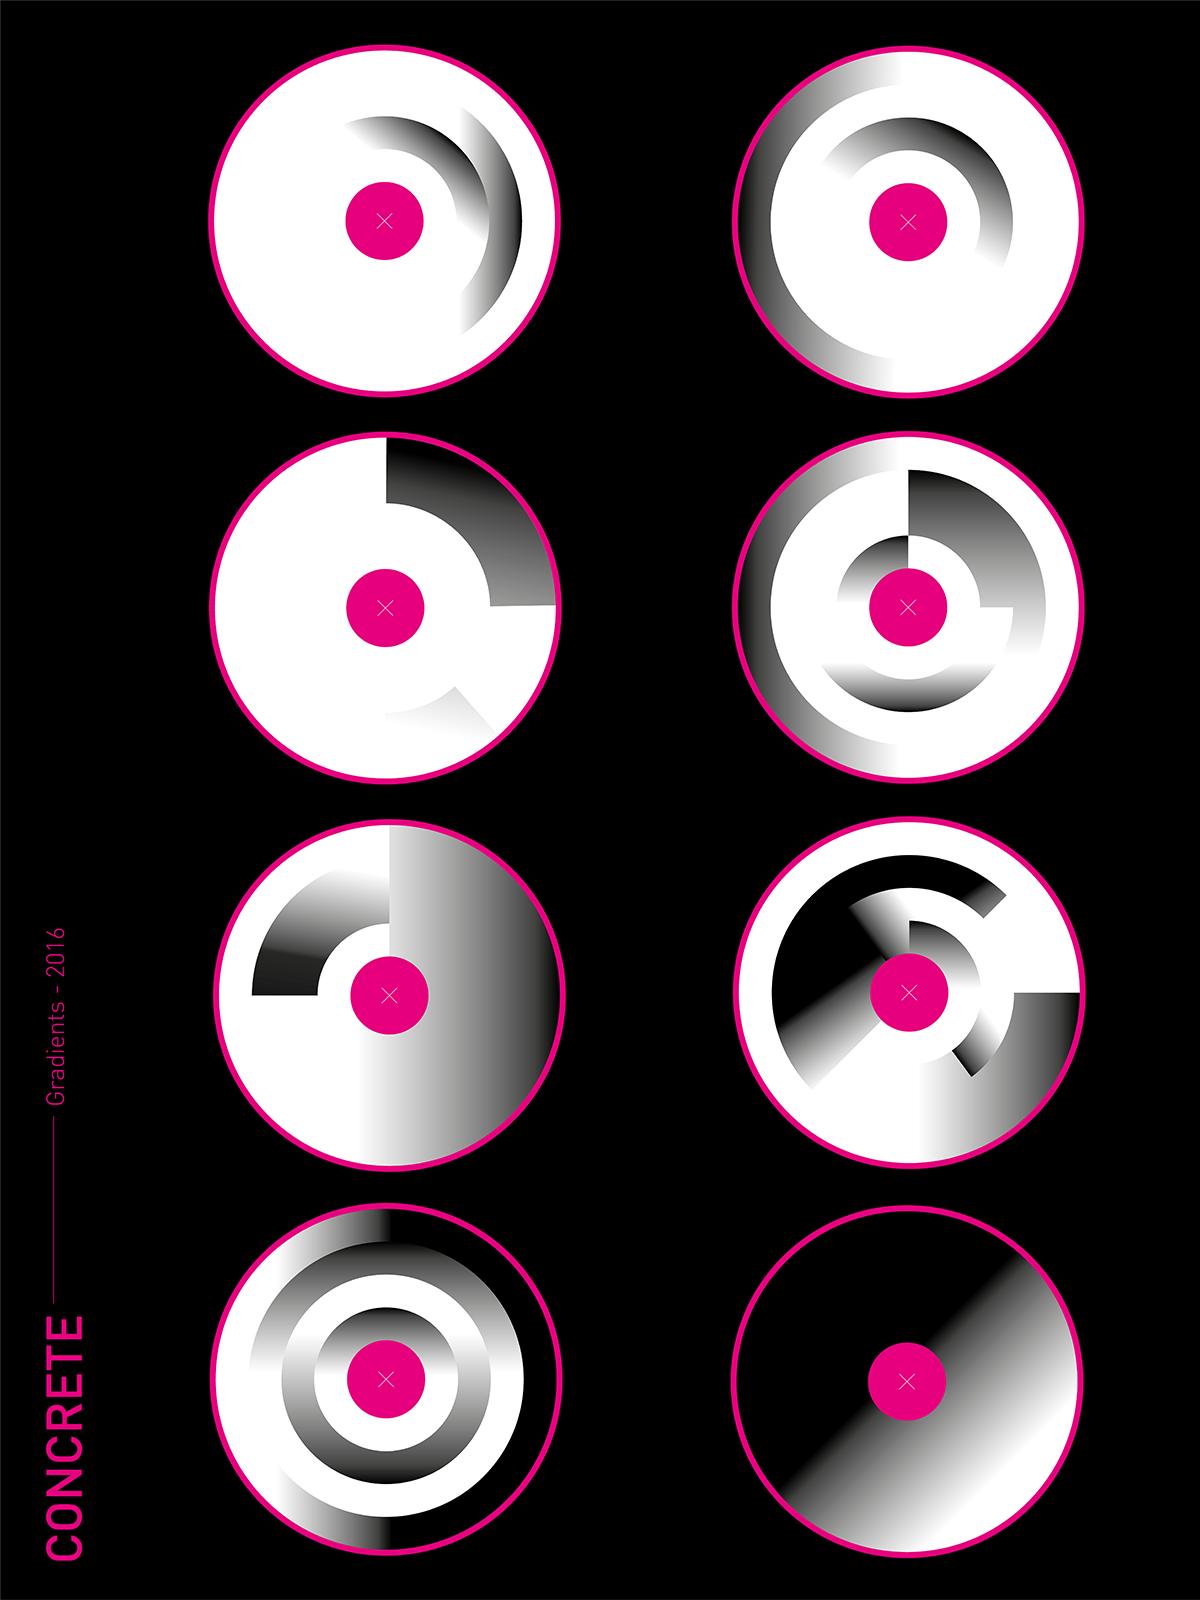 Poster_Concrete_Gradients-01.png